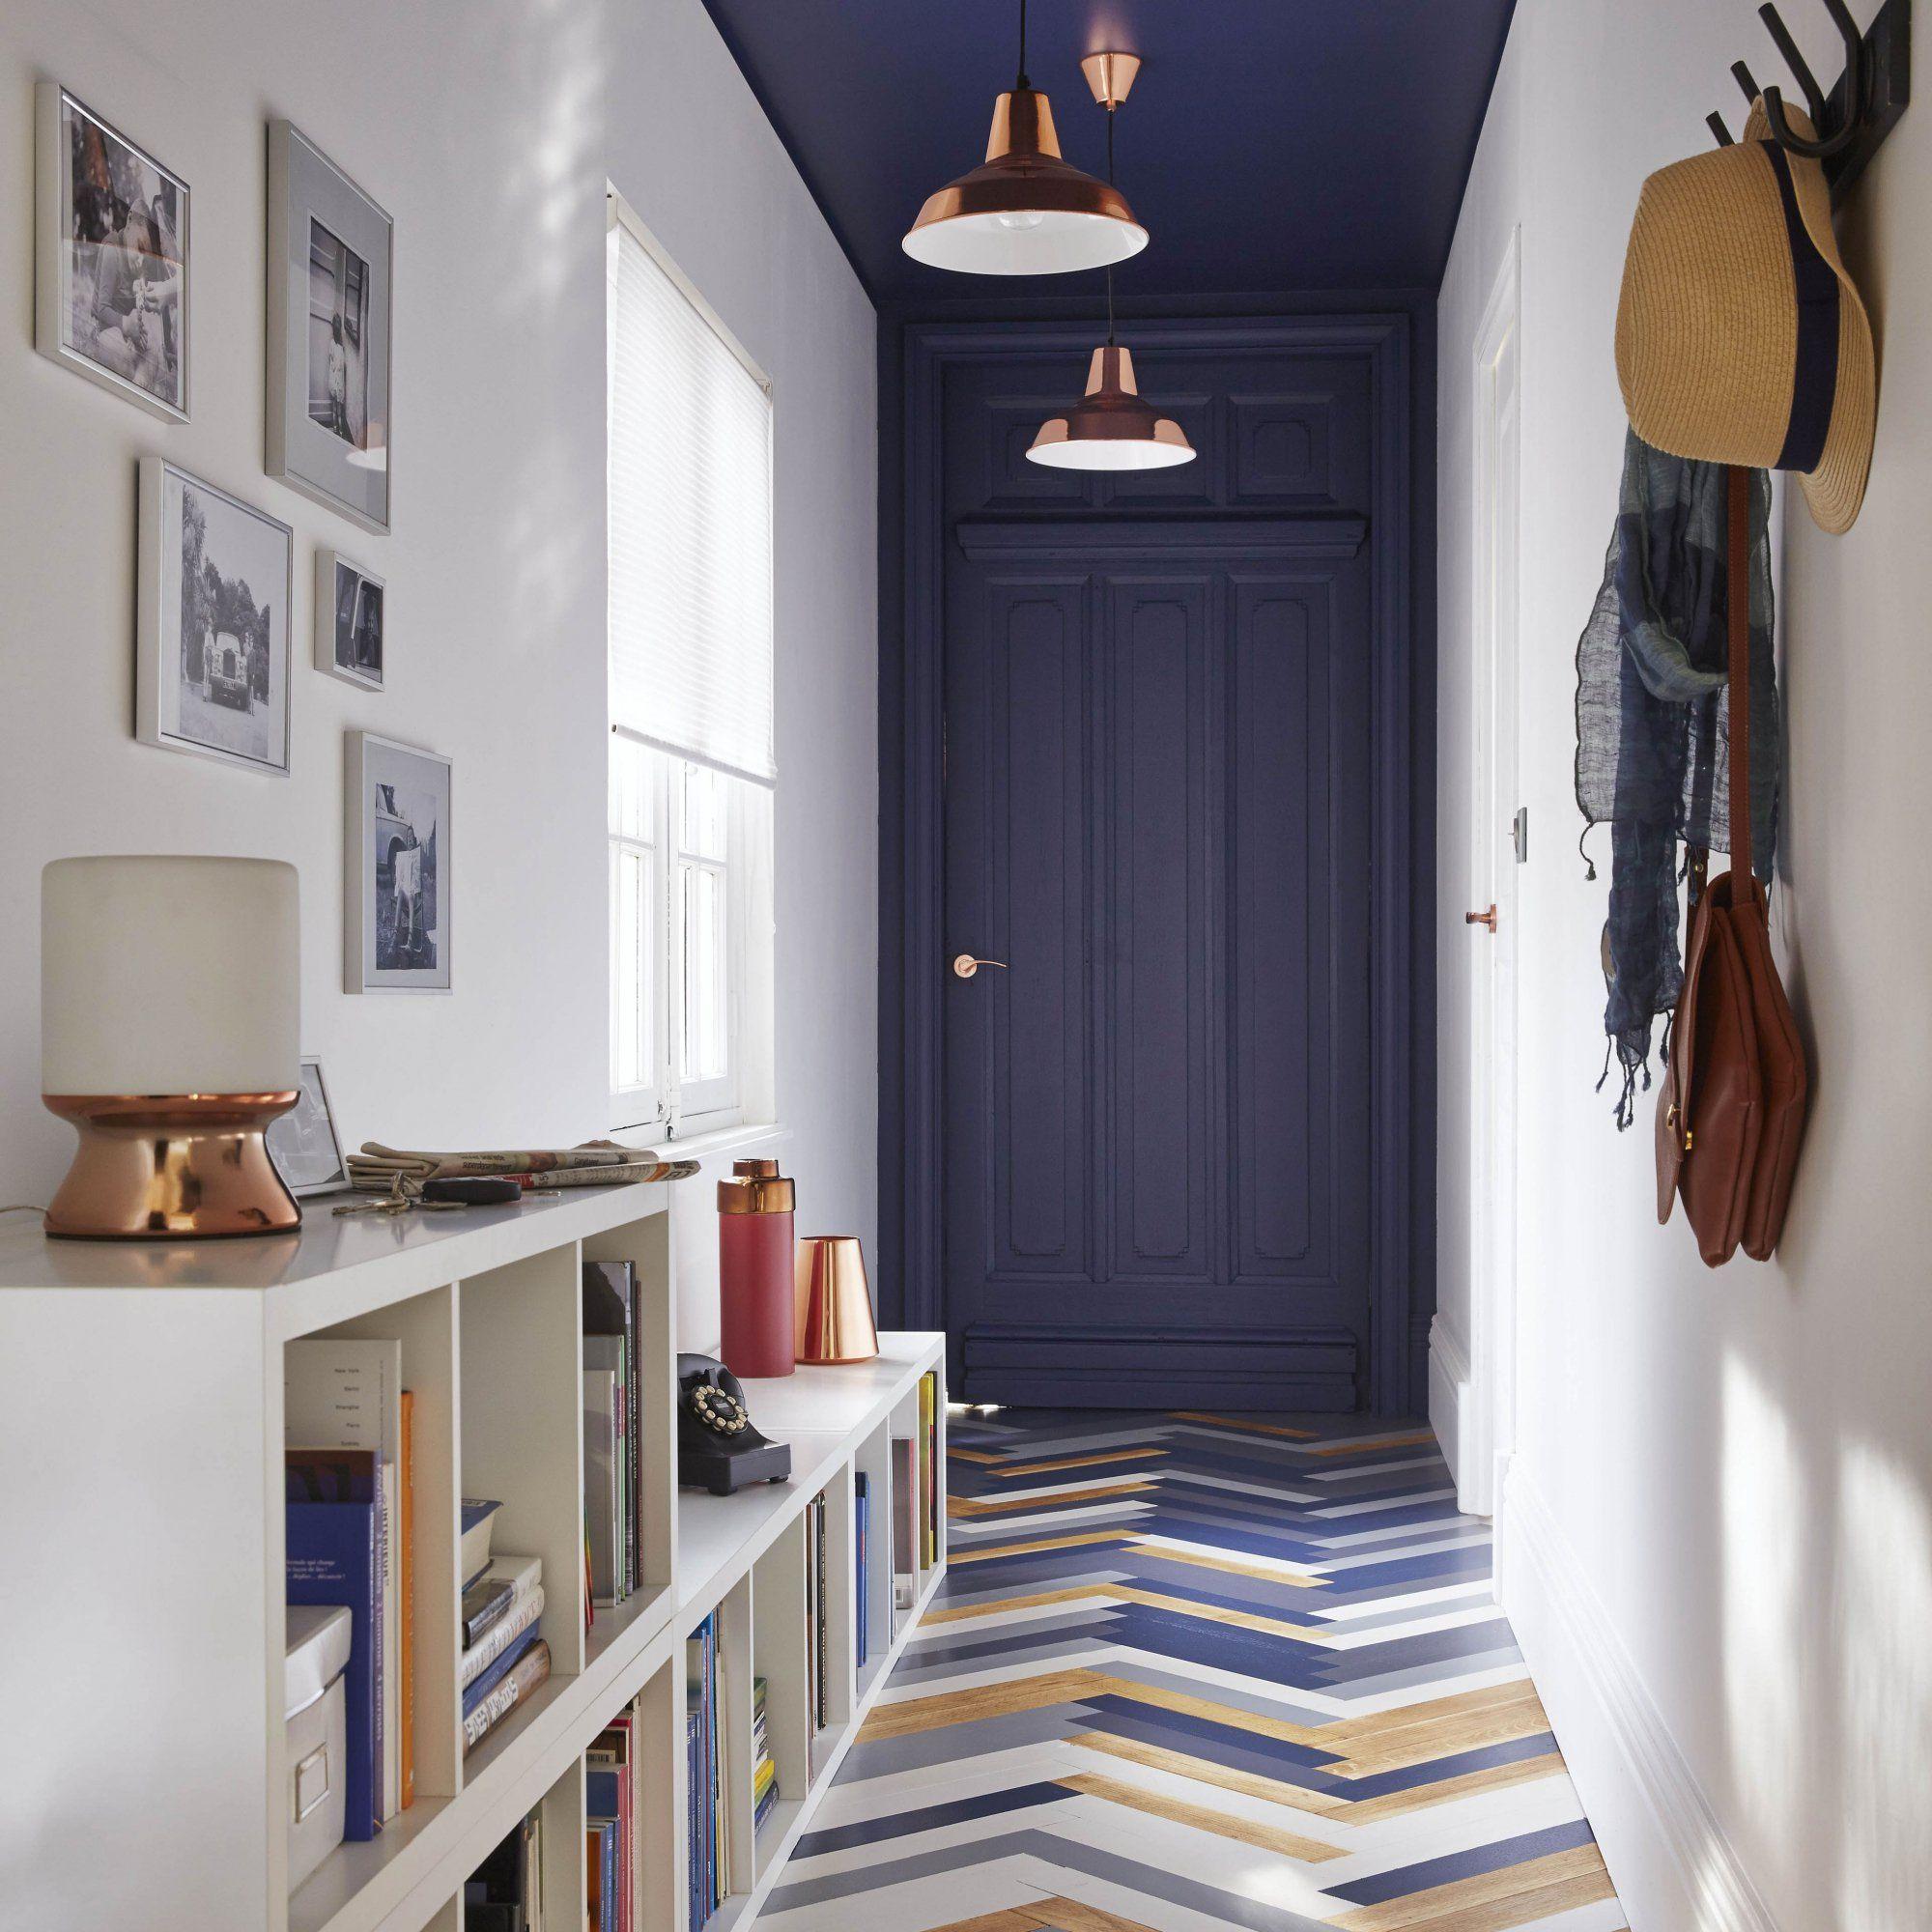 Refaire Son Couloir D Entree (avec images) | Déco maison, Décoration intérieure, Deco